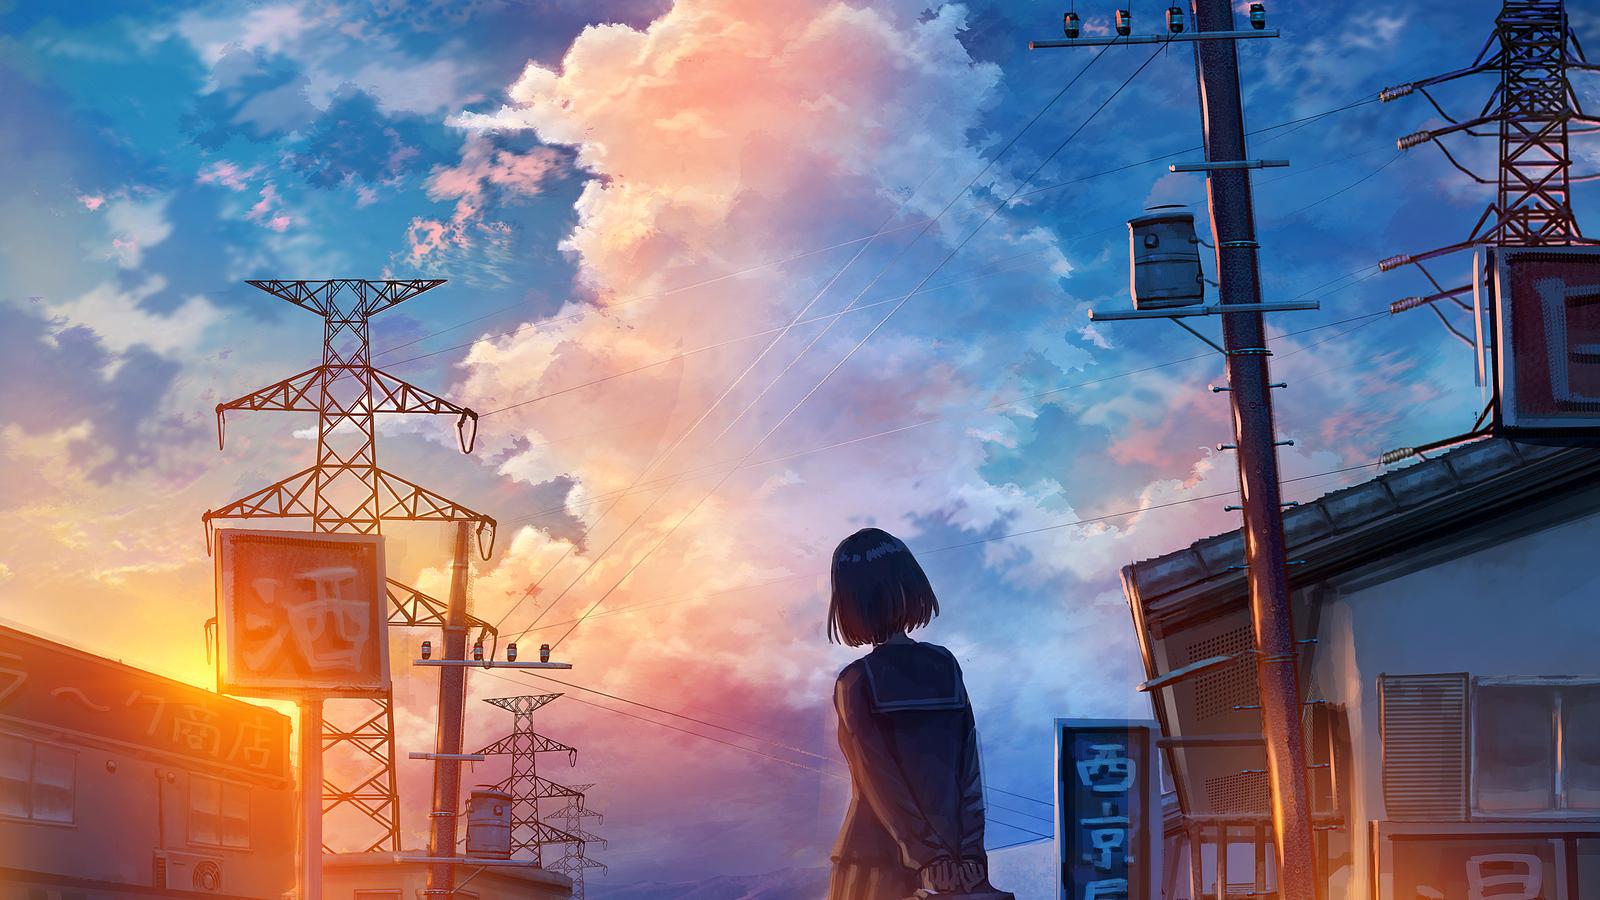 anime-girl-grocery-shopping-i2.jpg